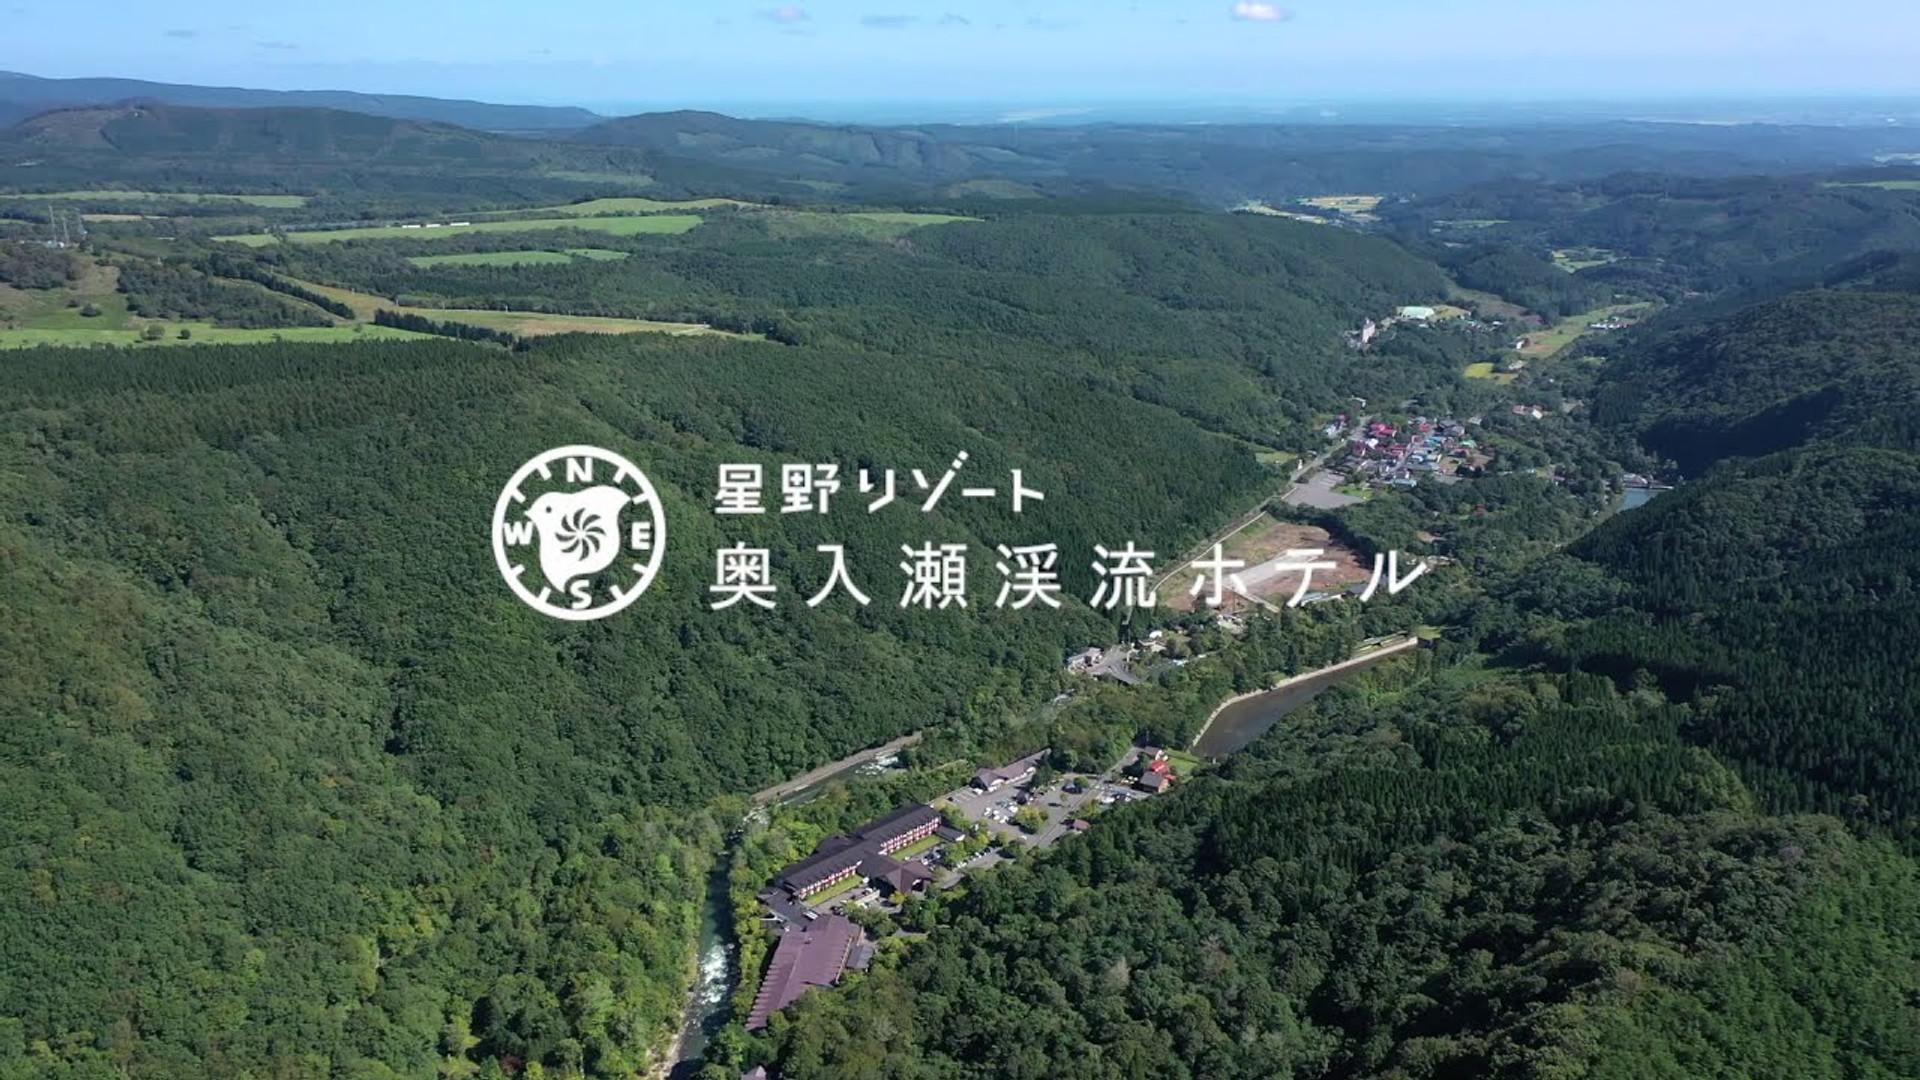 星野リゾート奥入瀬渓流ホテル